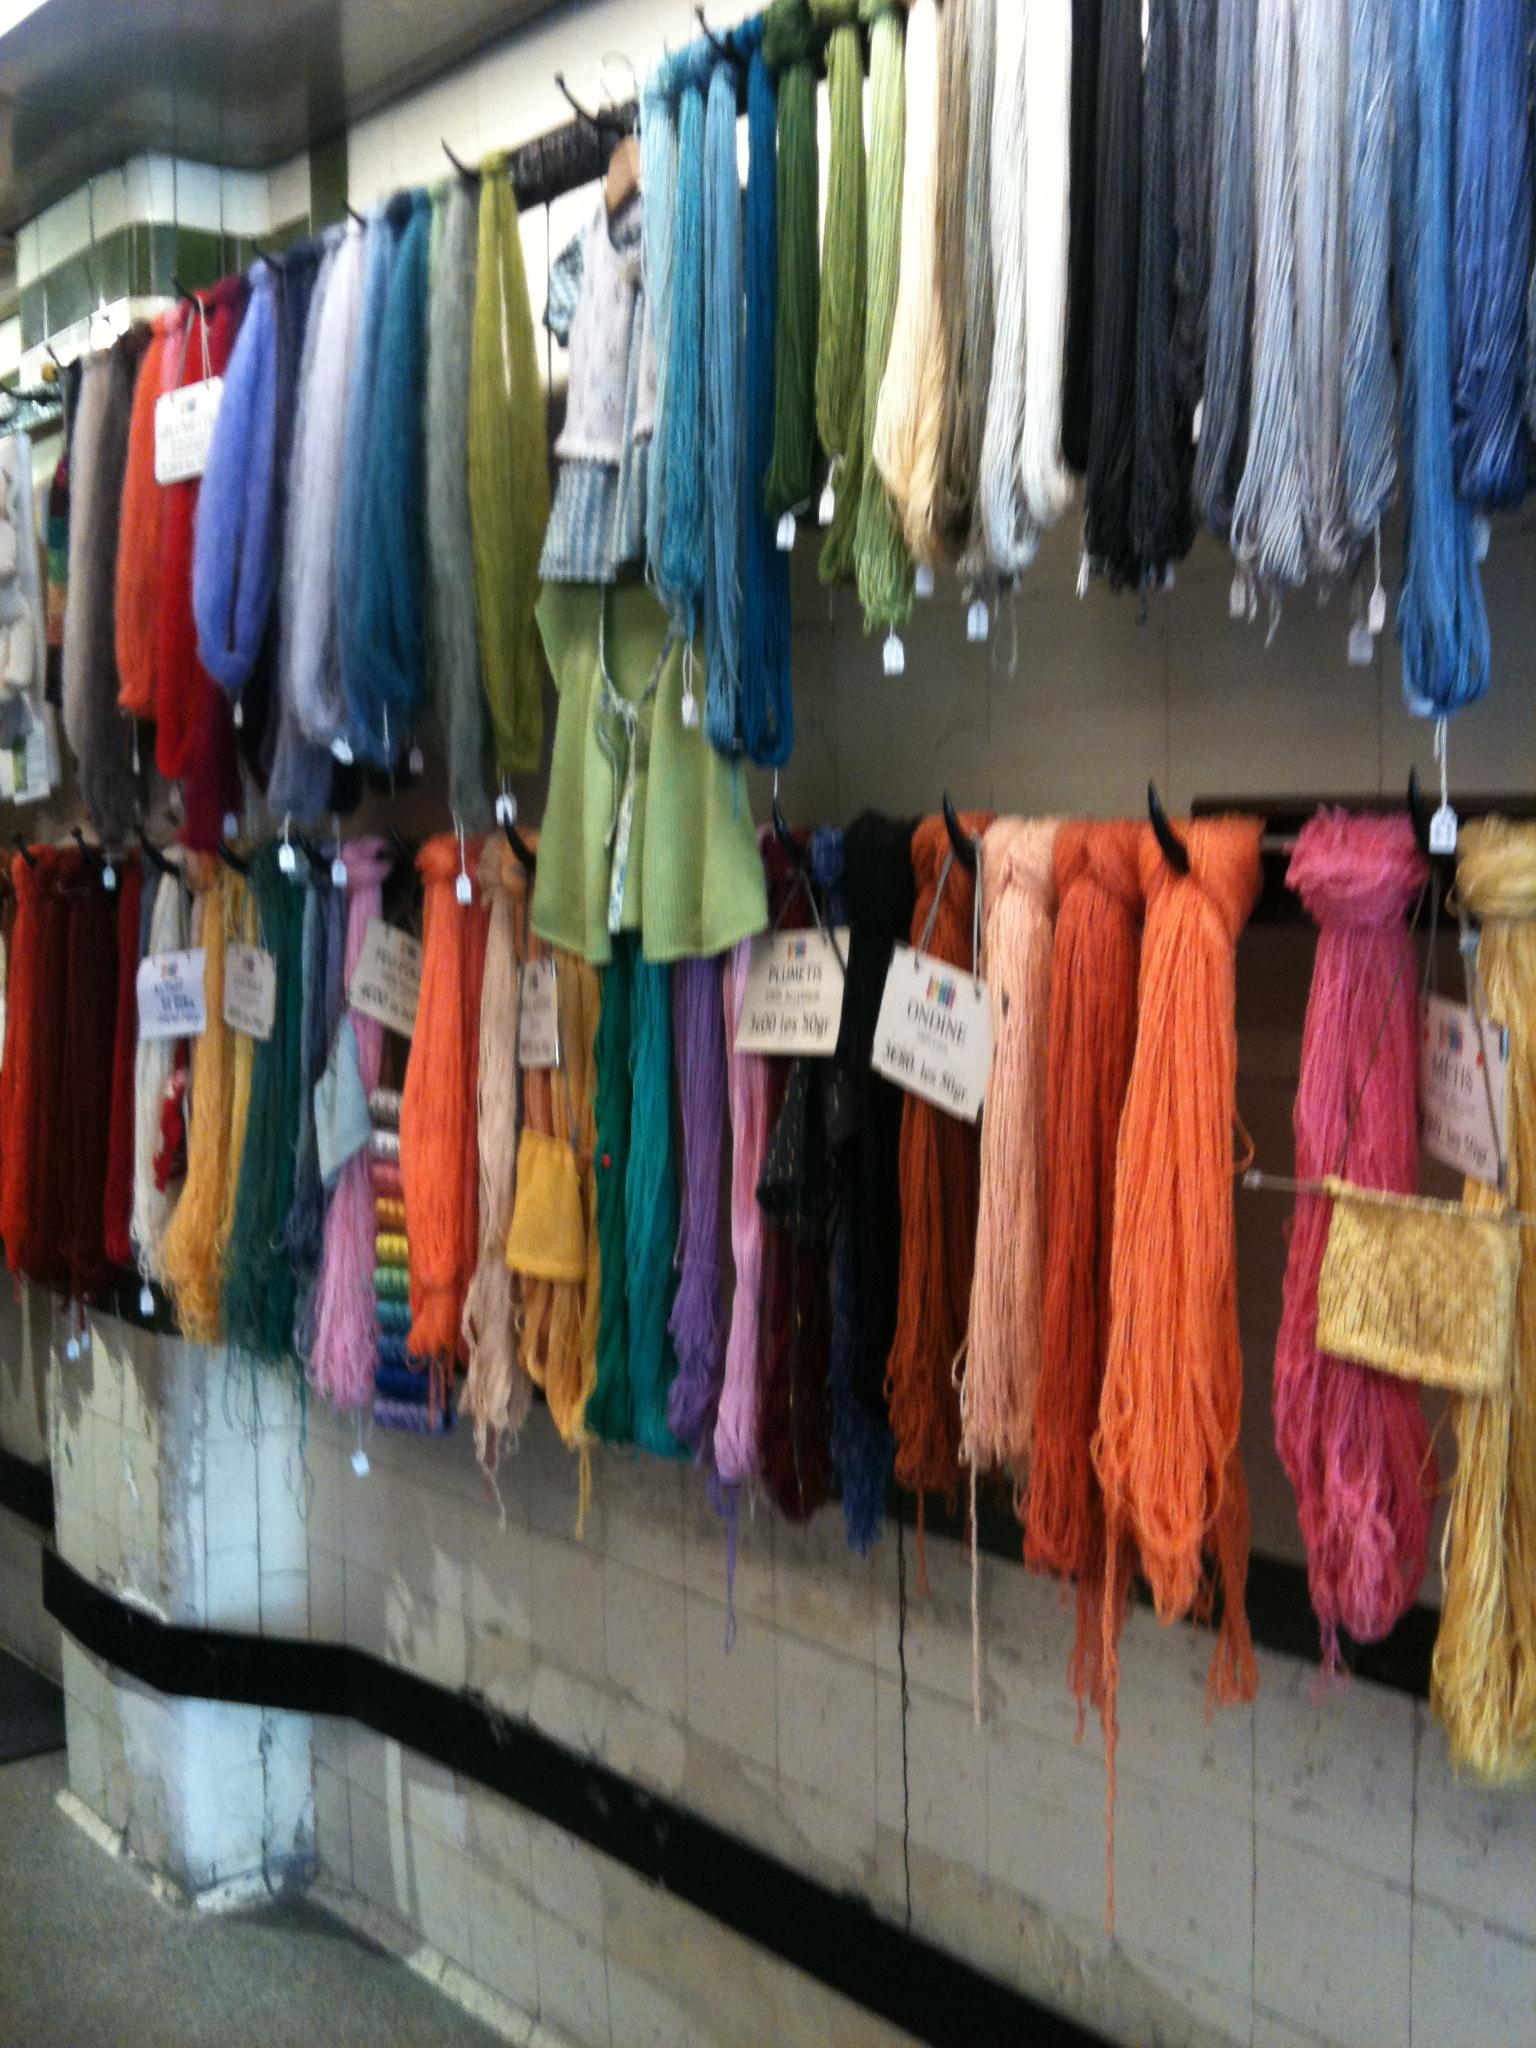 Hanging yarn in La Droguerie